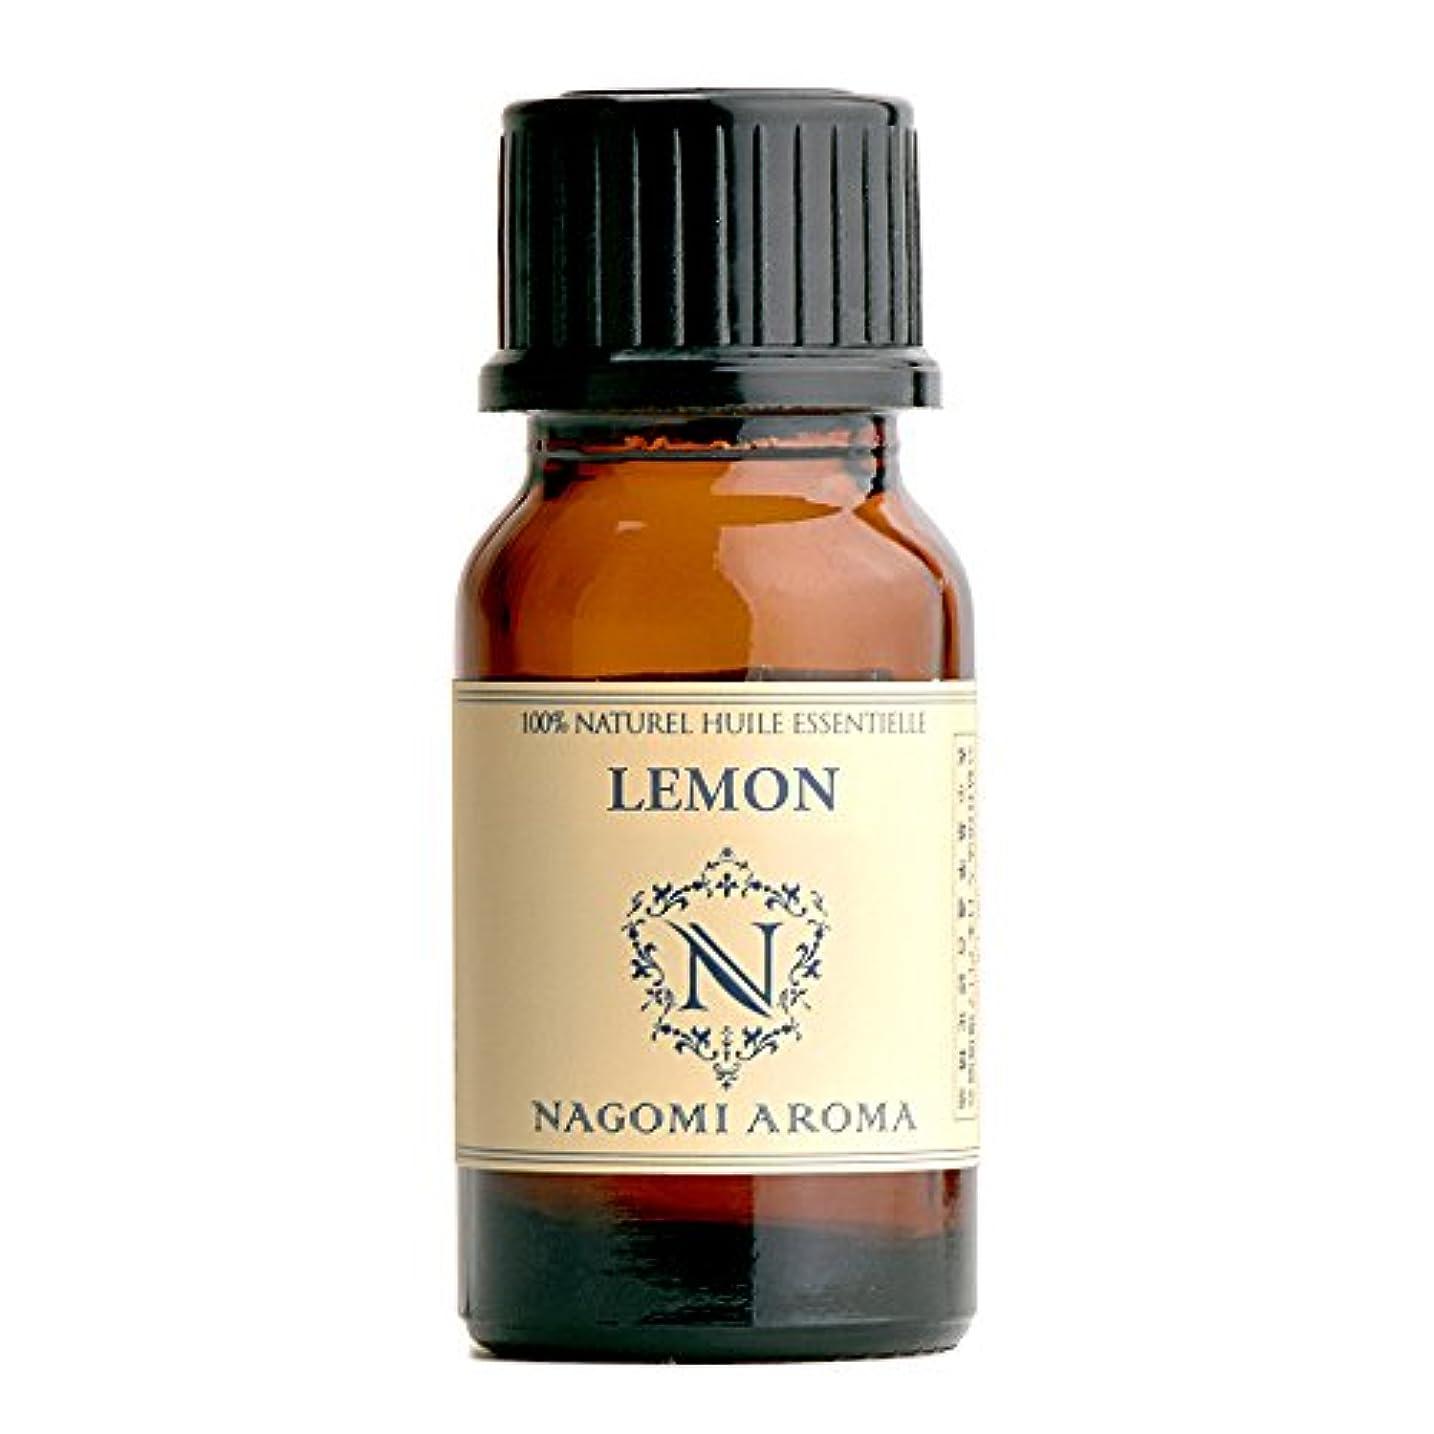 くちばしエキサイティング出席NAGOMI AROMA レモン 10ml 【AEAJ認定精油】【アロマオイル】